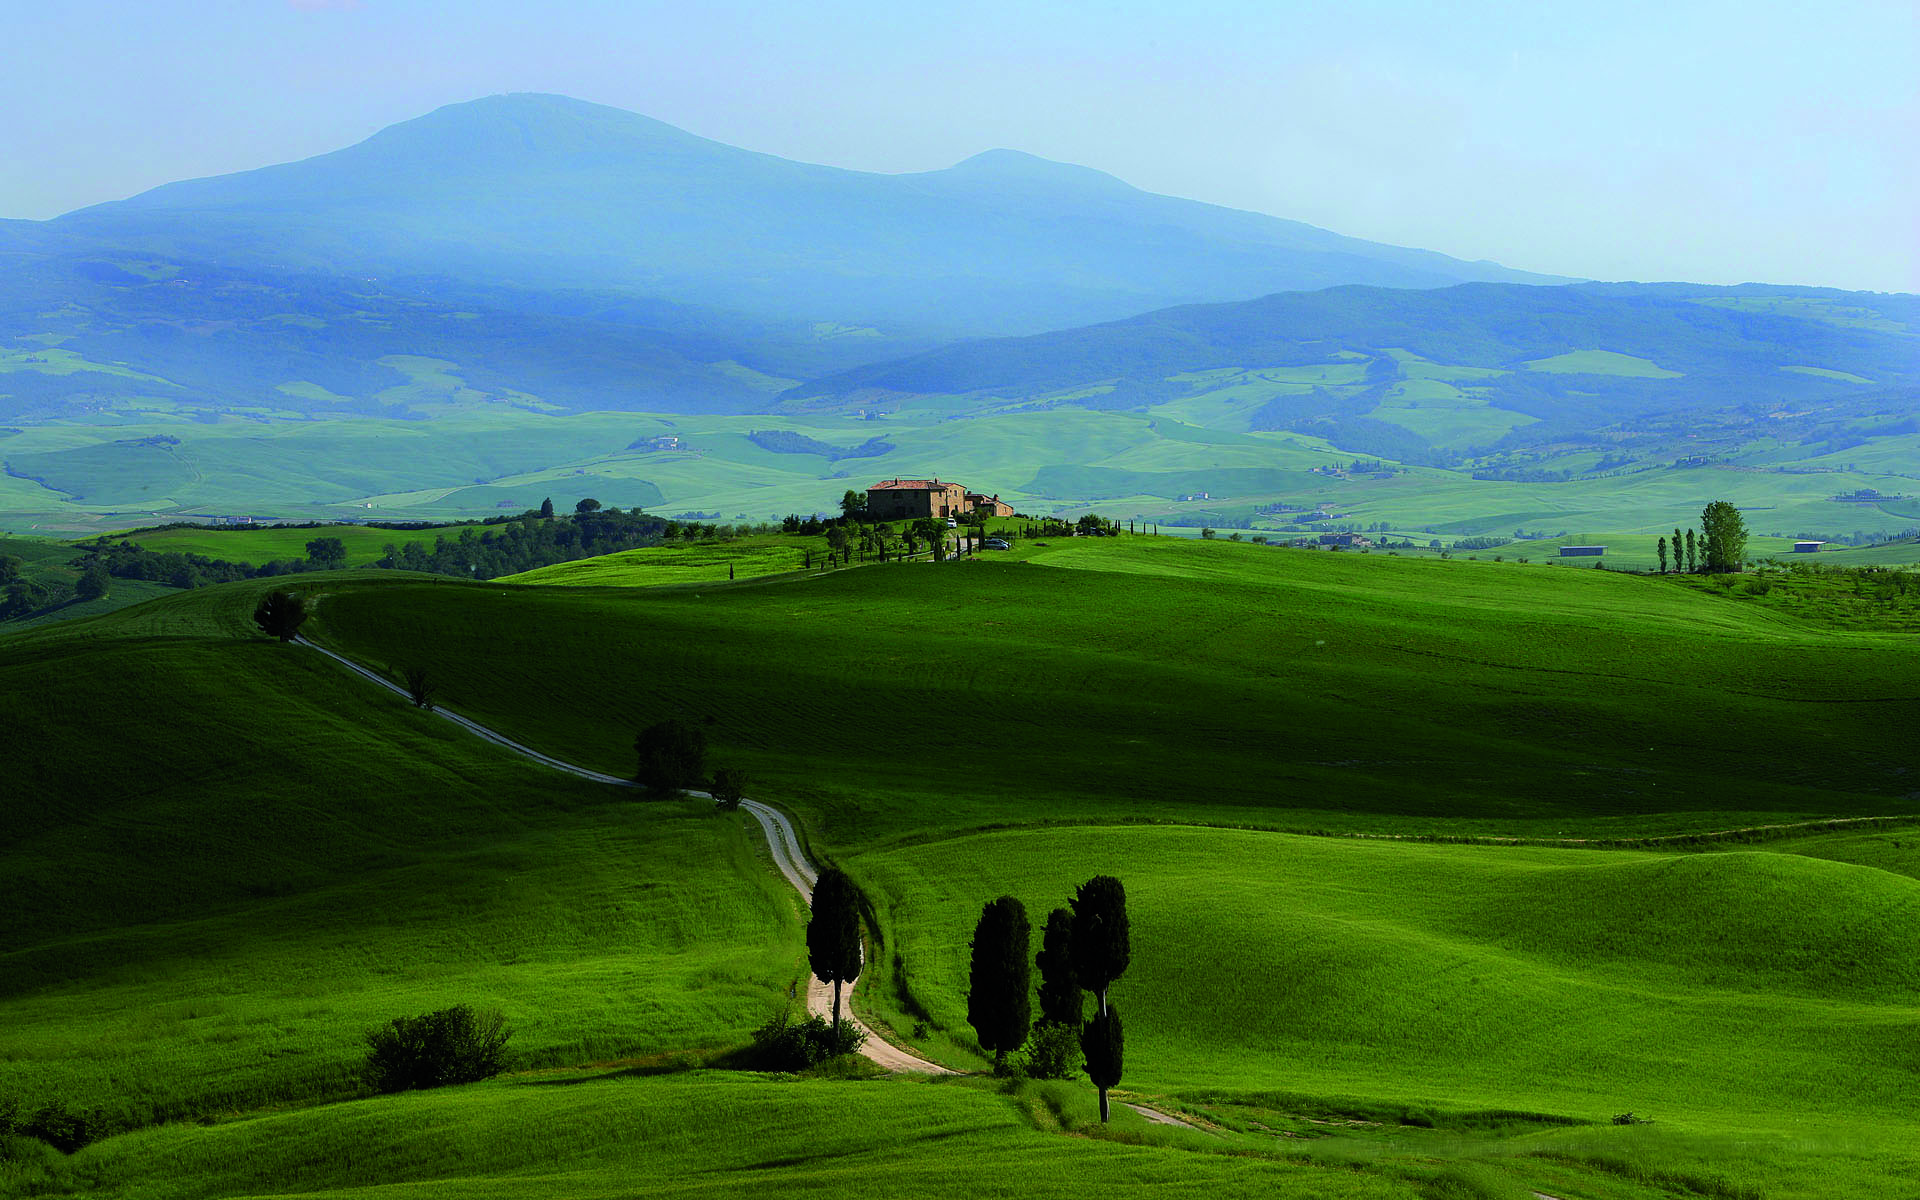 immagine progetto 'L'ecomuseo digitale delle terre di Siena'